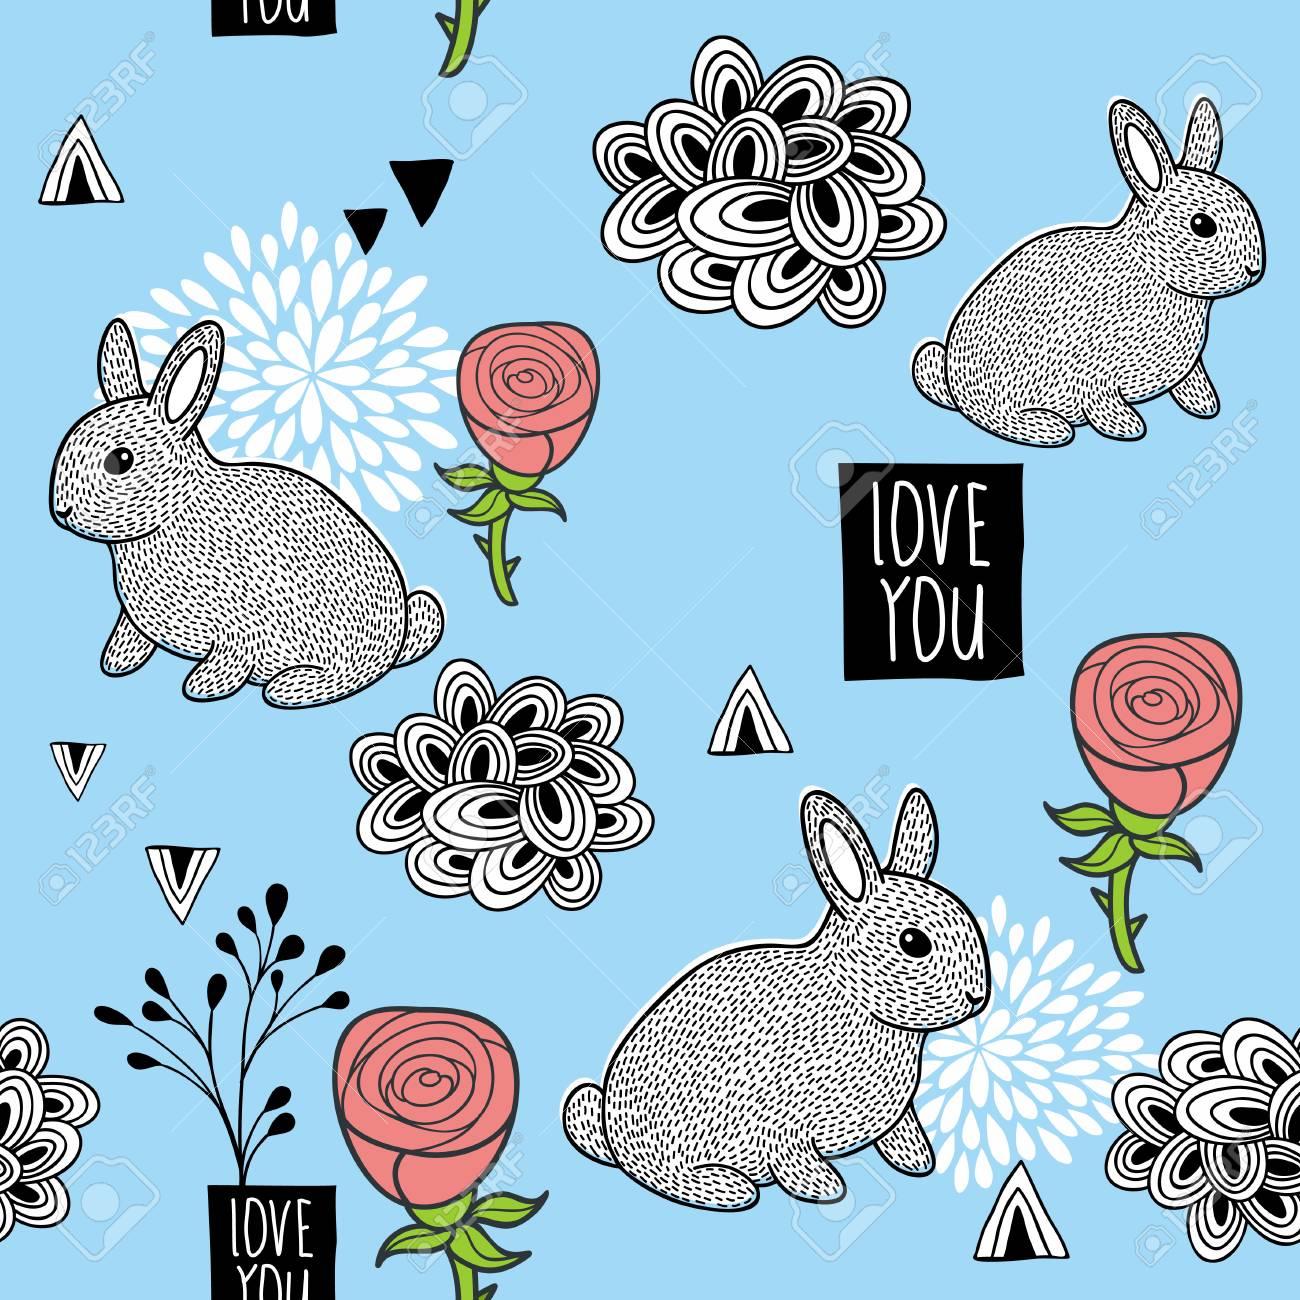 バラのウサギ 包装紙 ファブリック 壁紙 かわいい動物とシームレスな背景は ベクトルの背景 のイラスト素材 ベクタ Image